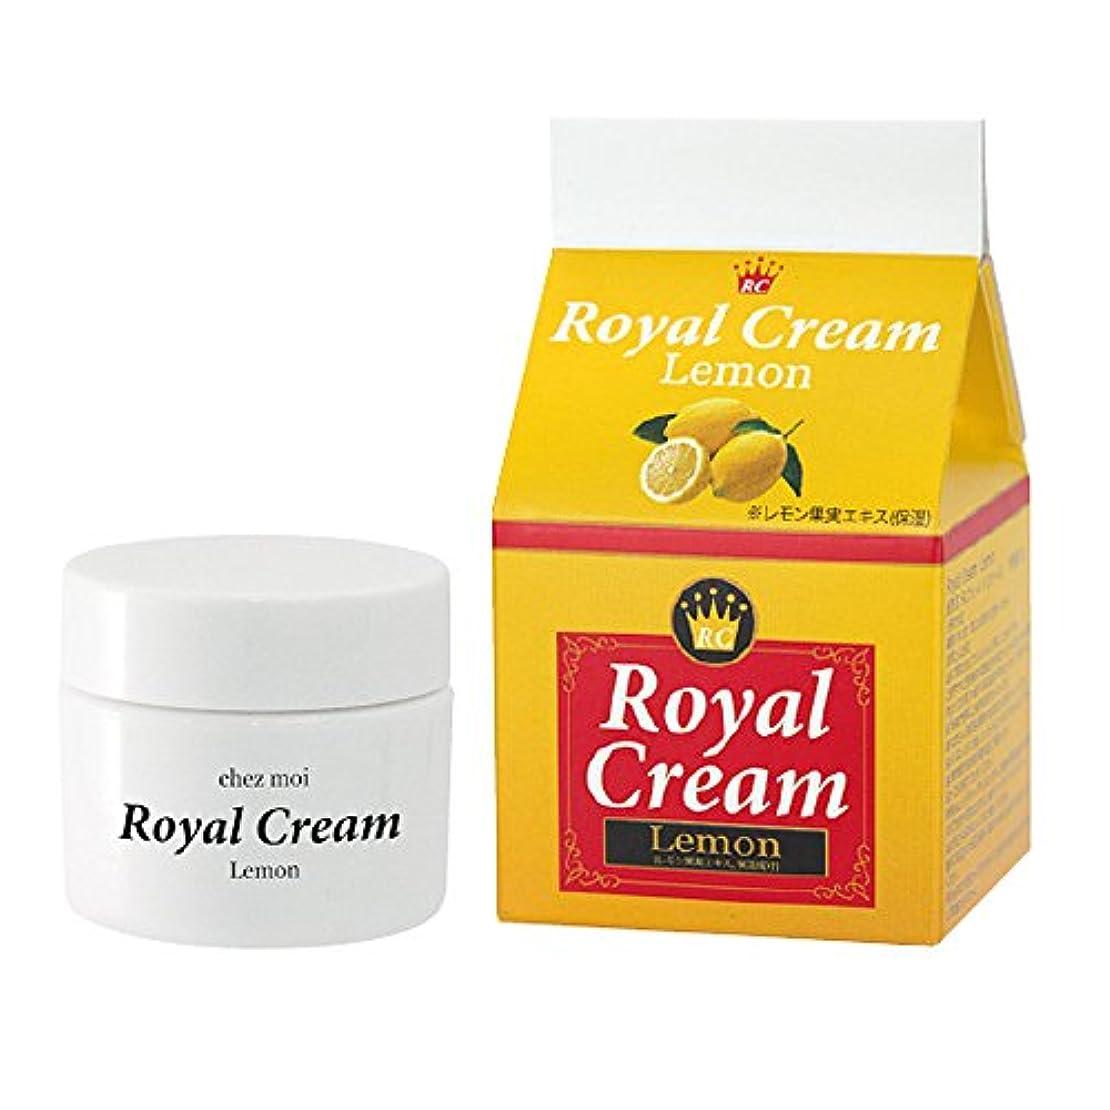 マーキー靄トリムシェモア Royal Cream Lemon(ロイヤルクリームレモン) 30g